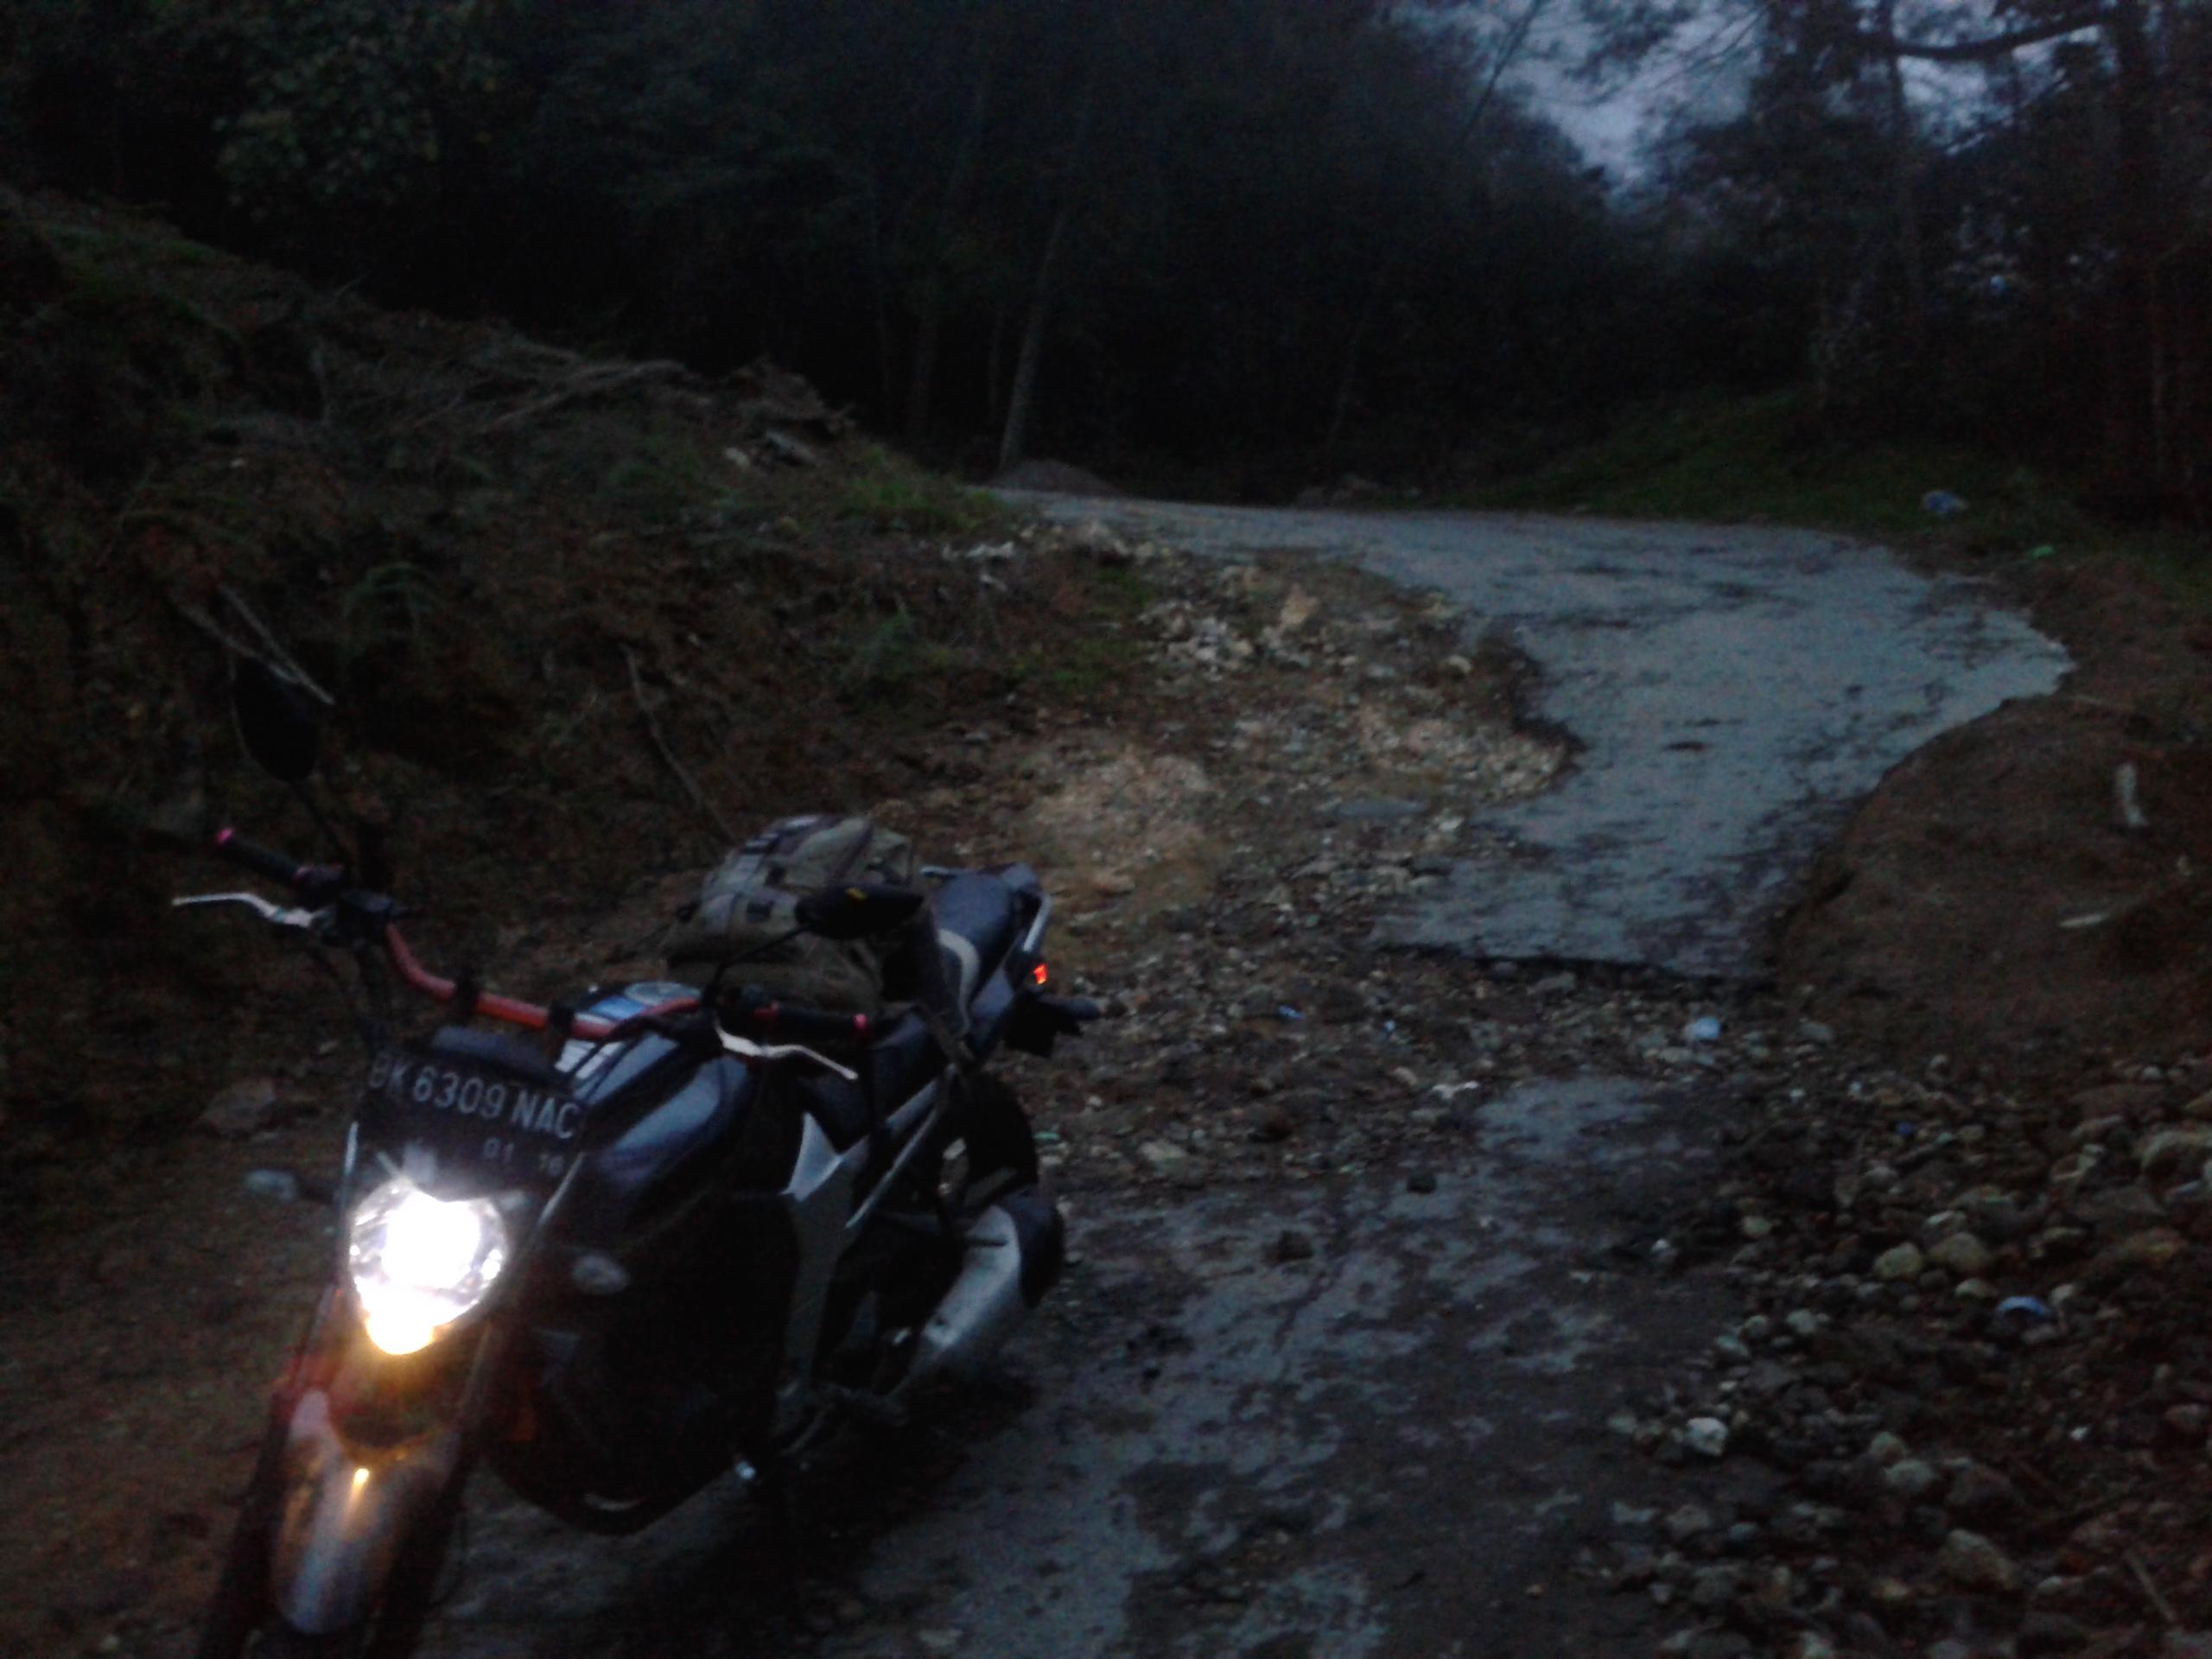 Вот на такой дороге мы упали, только чуть выше, на другом повороте, более крутом и разбитом.